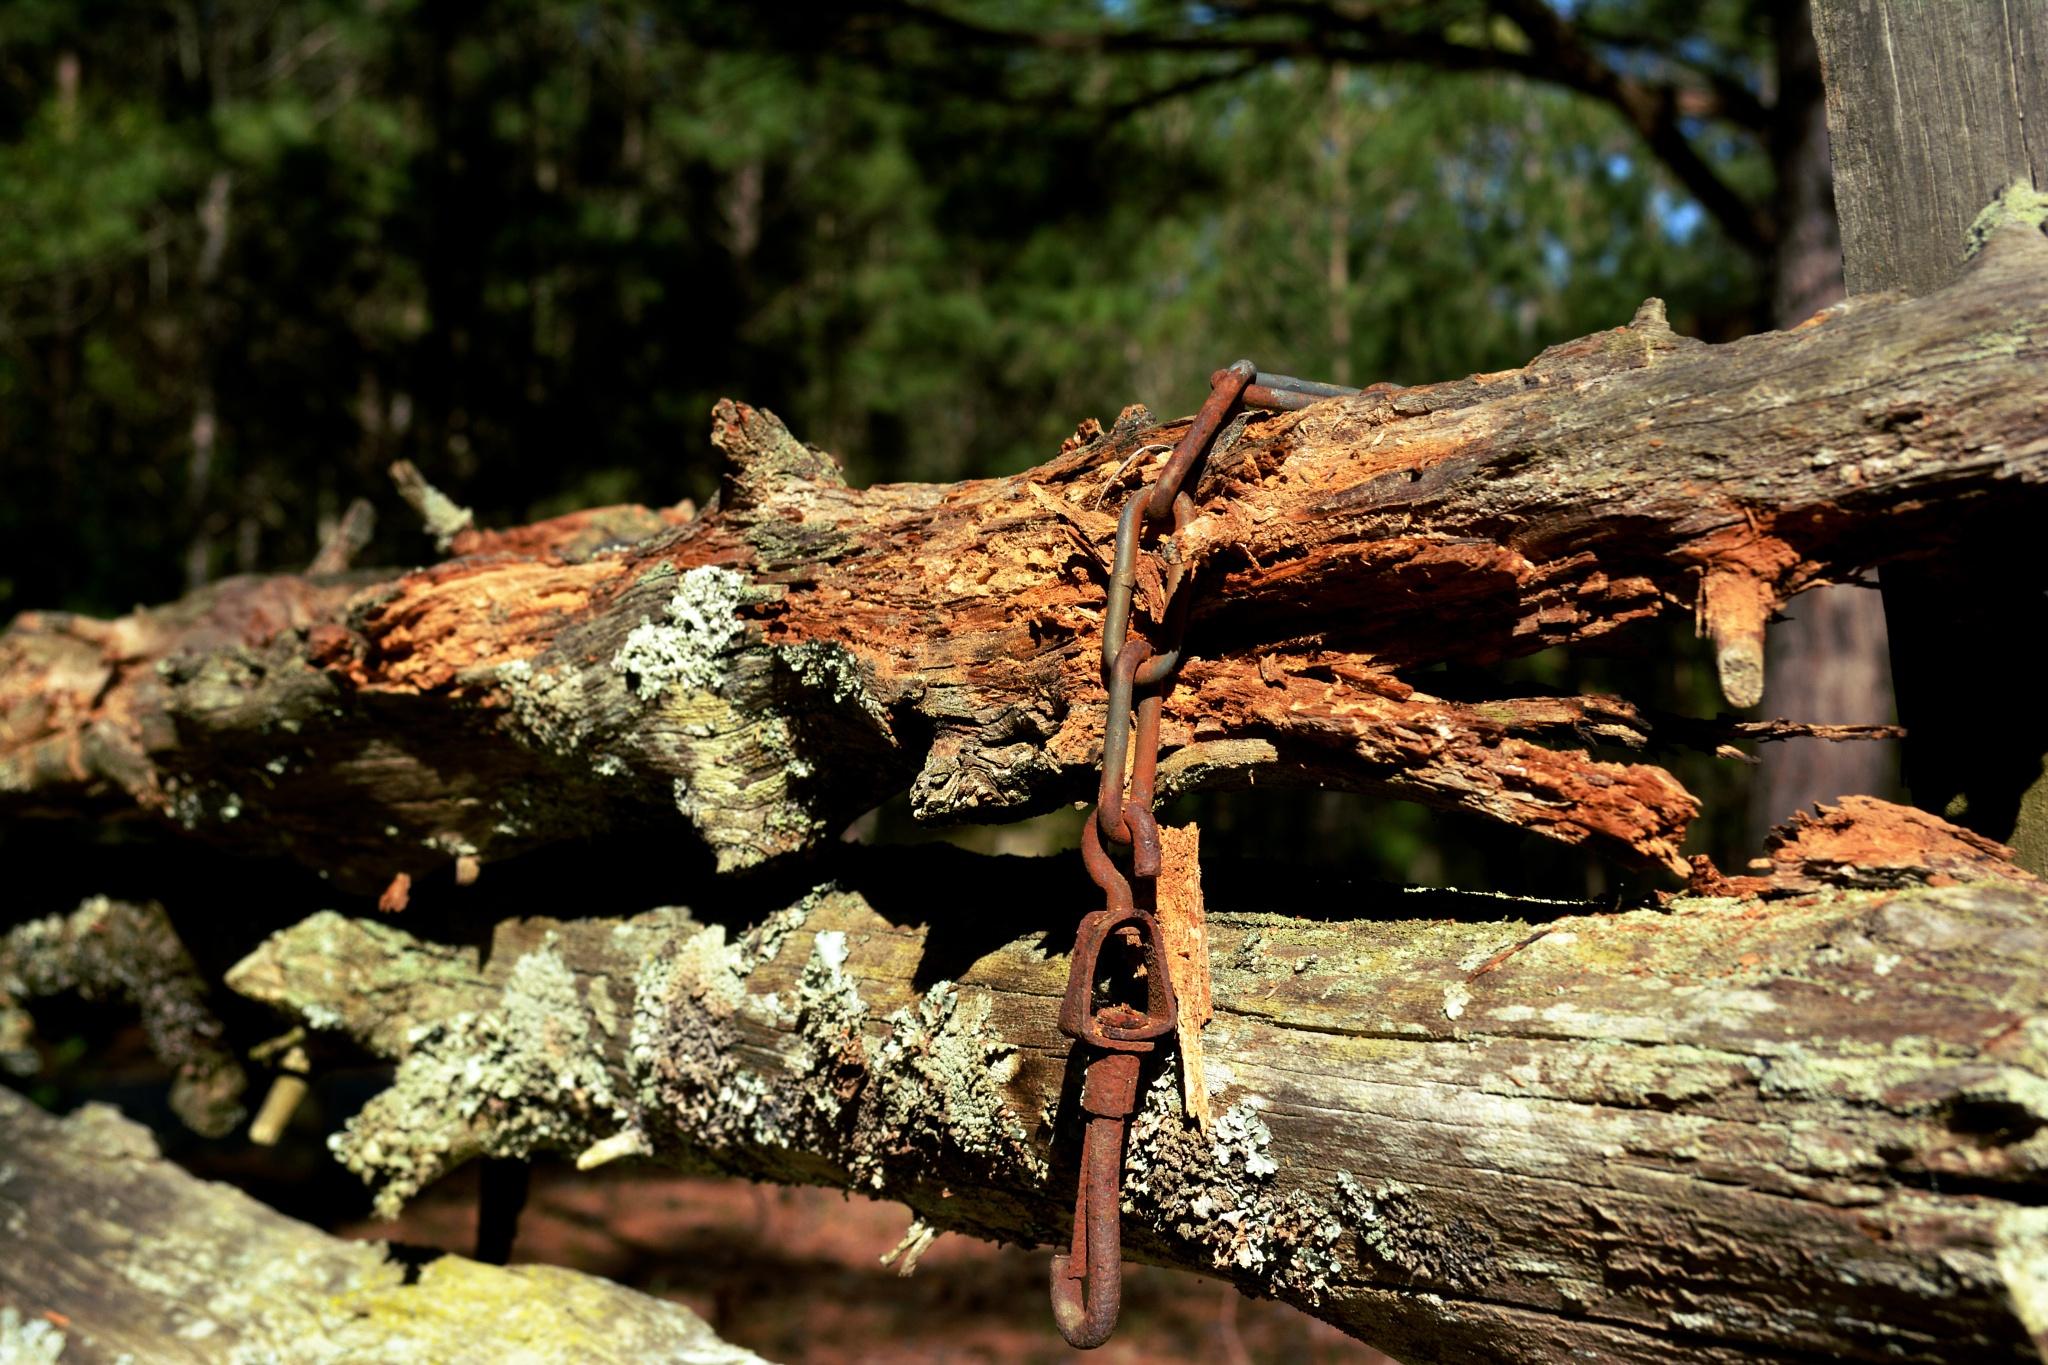 Metal and Wood by Gena Koelker